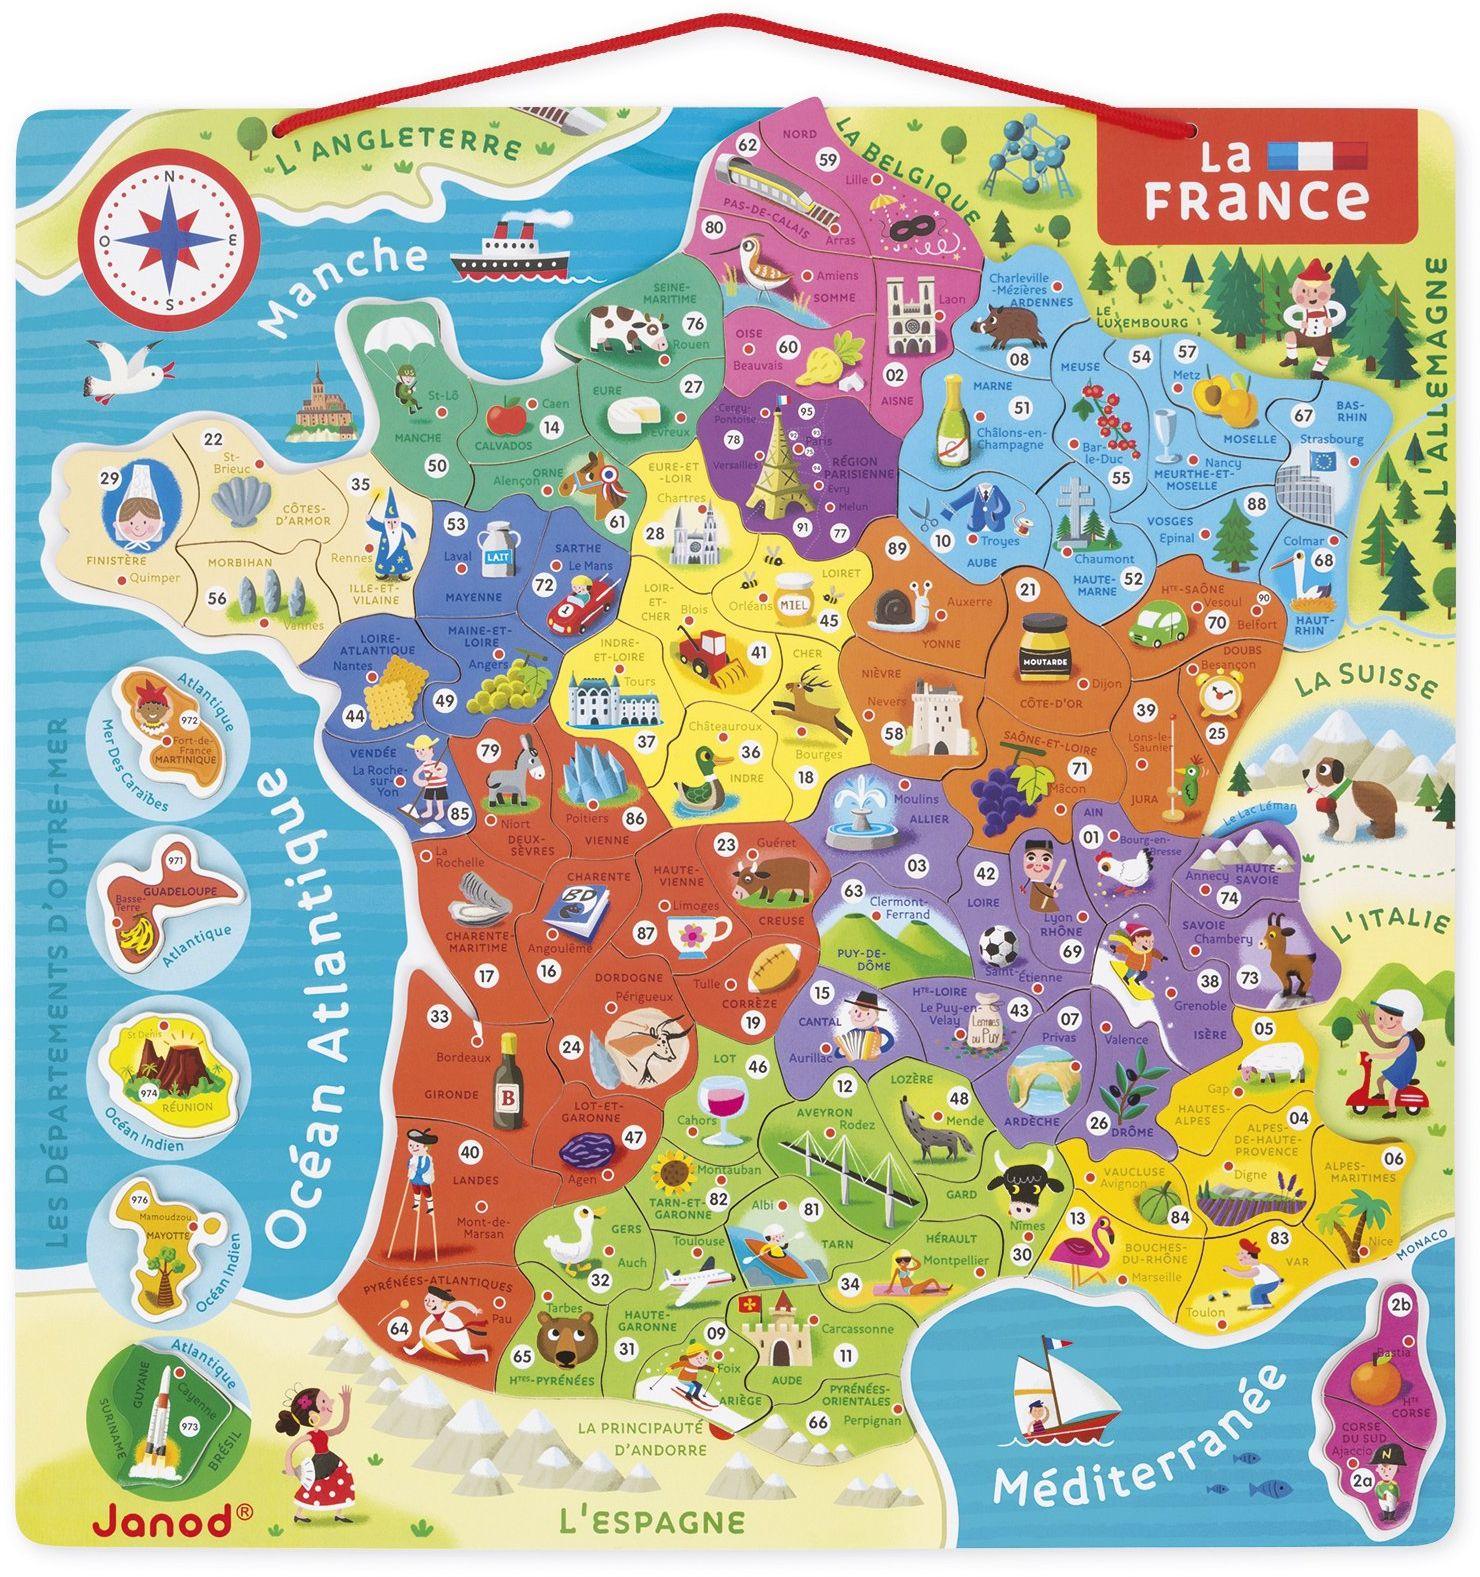 Janod - Magnetyczna mapa Francji puzzle - 93 magnesy - puzzle dla dzieci - odkrywaj i zapamiętuj - gra edukacyjna - od 7 lat, J05480